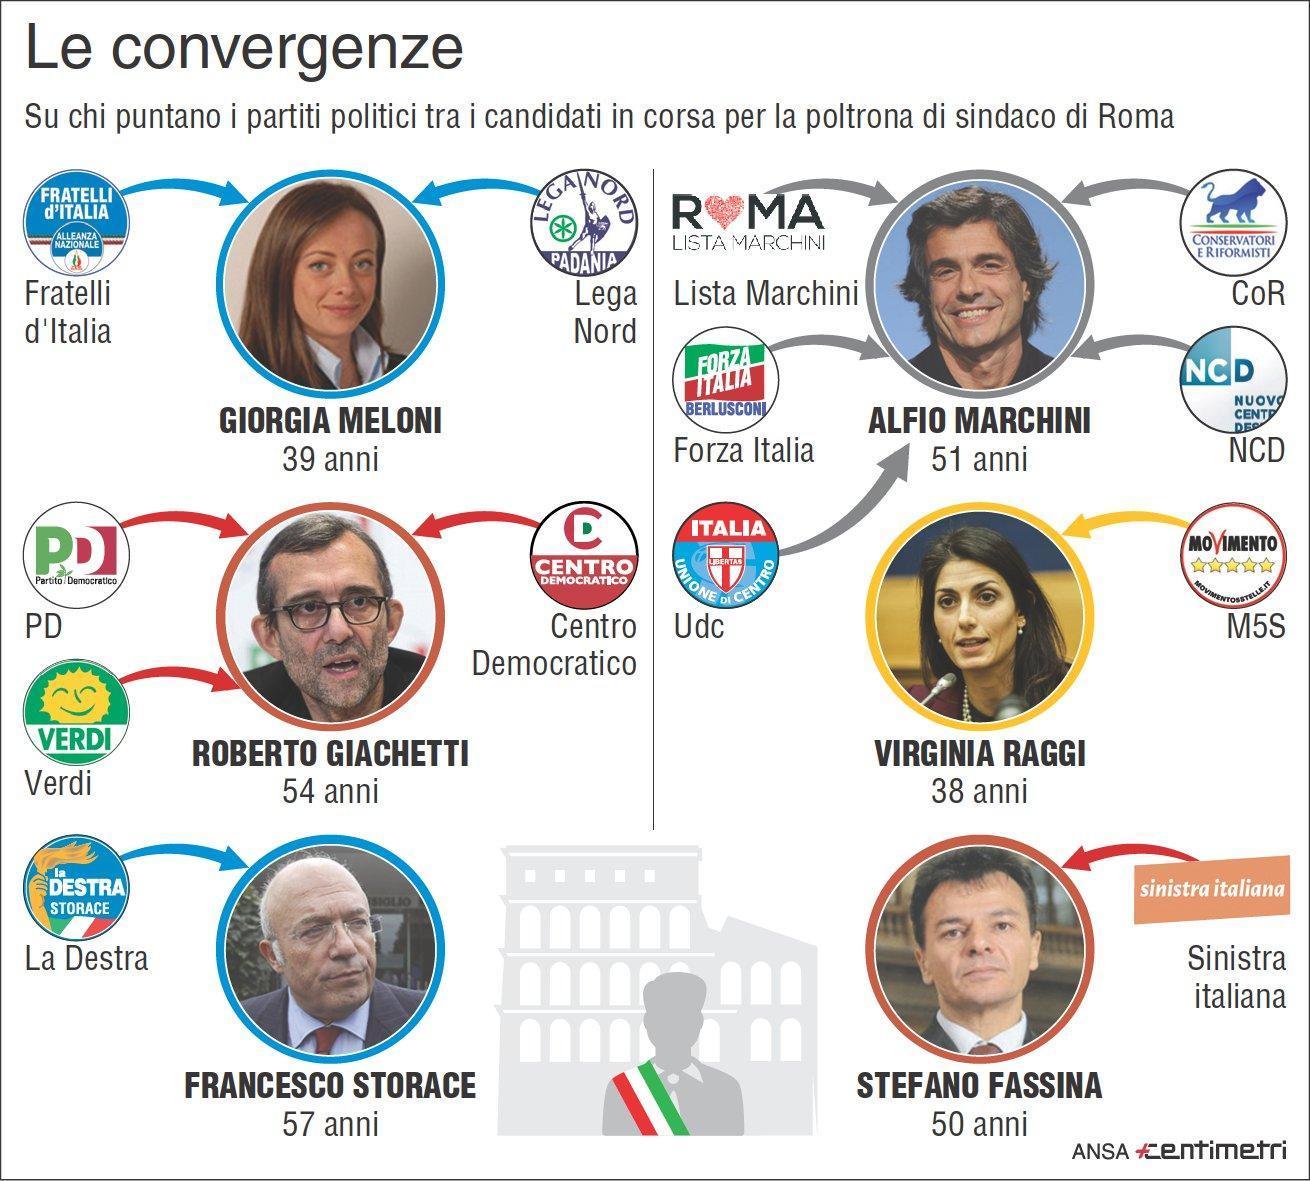 Elezioni a Roma: gli schieramenti